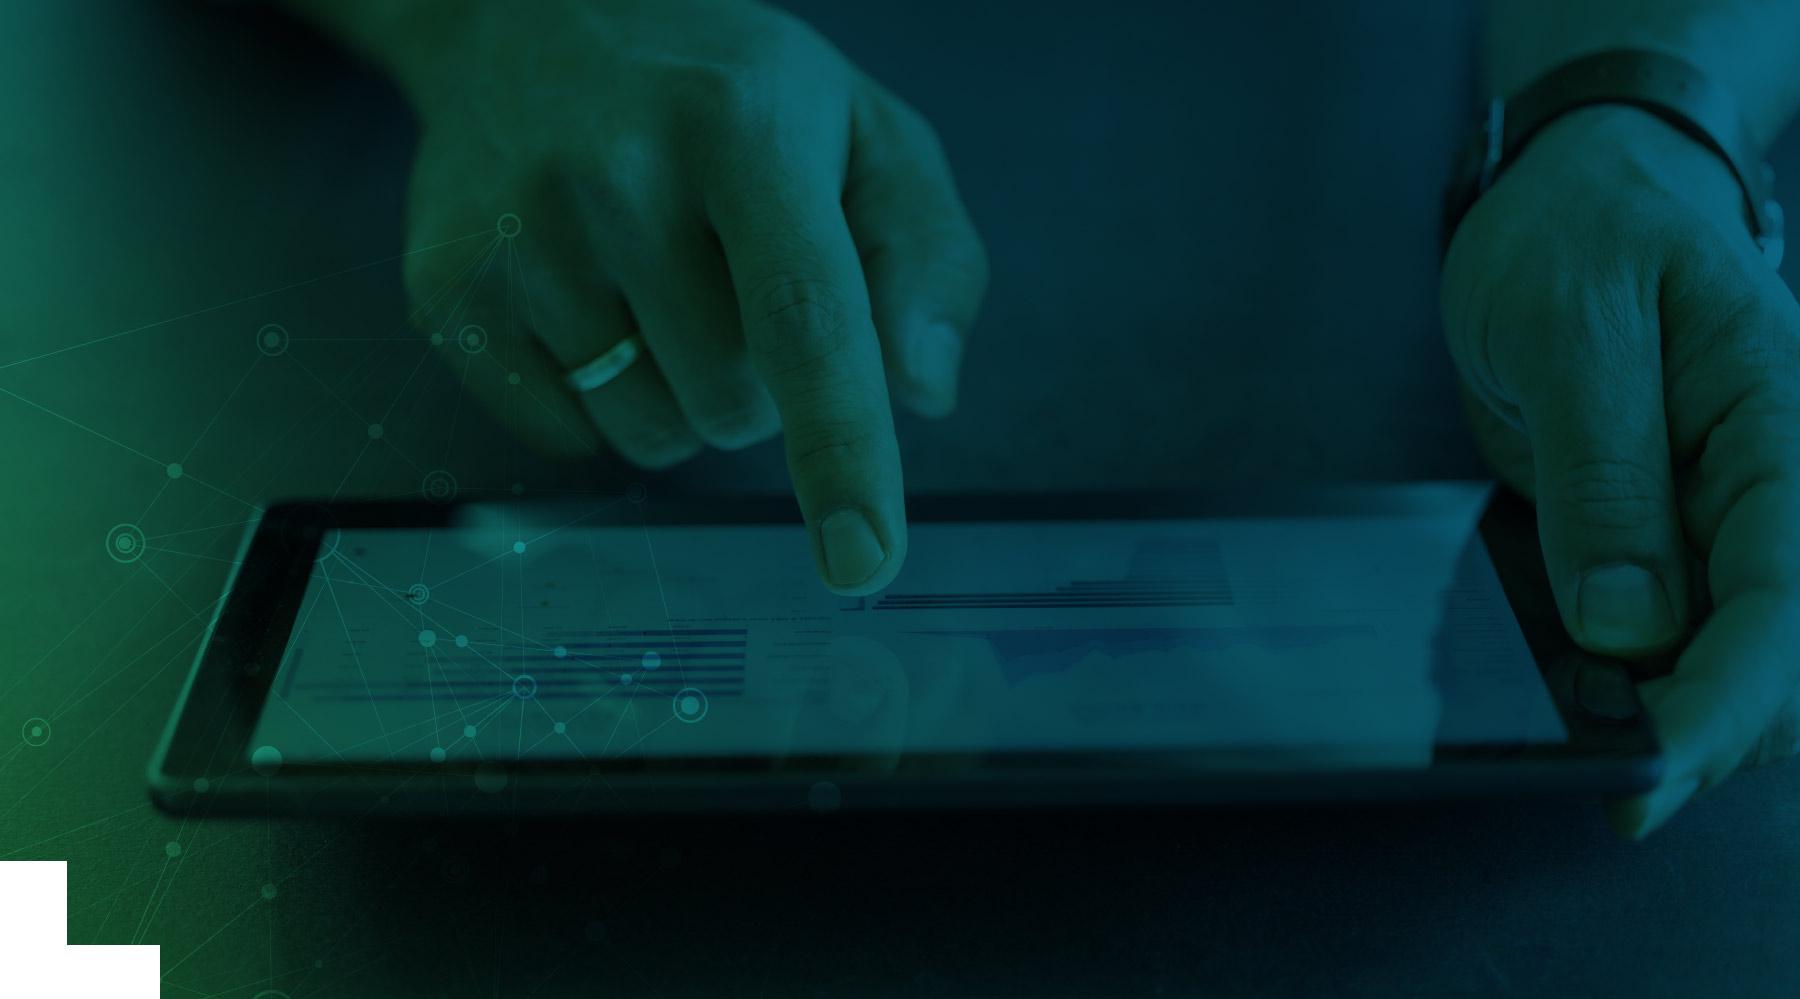 Eine Hand die auf ein Tablet zeigt, auf dem gerade Qlik ausgeführt wird